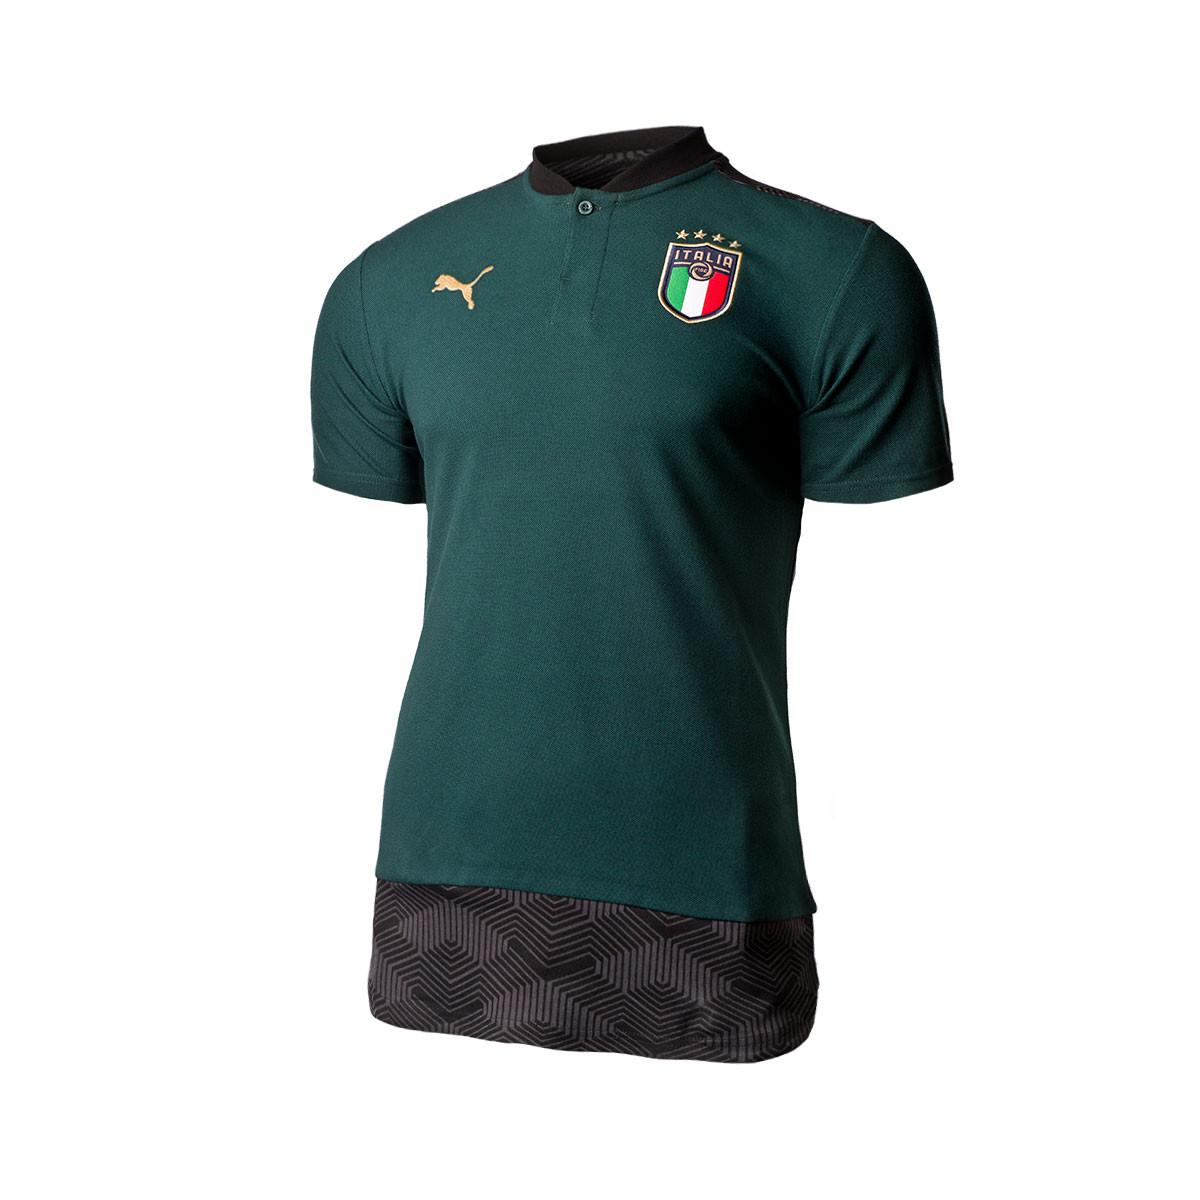 Tomar conciencia Fragante Pais de Ciudadania  Polo shirt Puma Italia Casuals 2019-2020 Ponderosa Pine-Peacoat - Football  store Fútbol Emotion